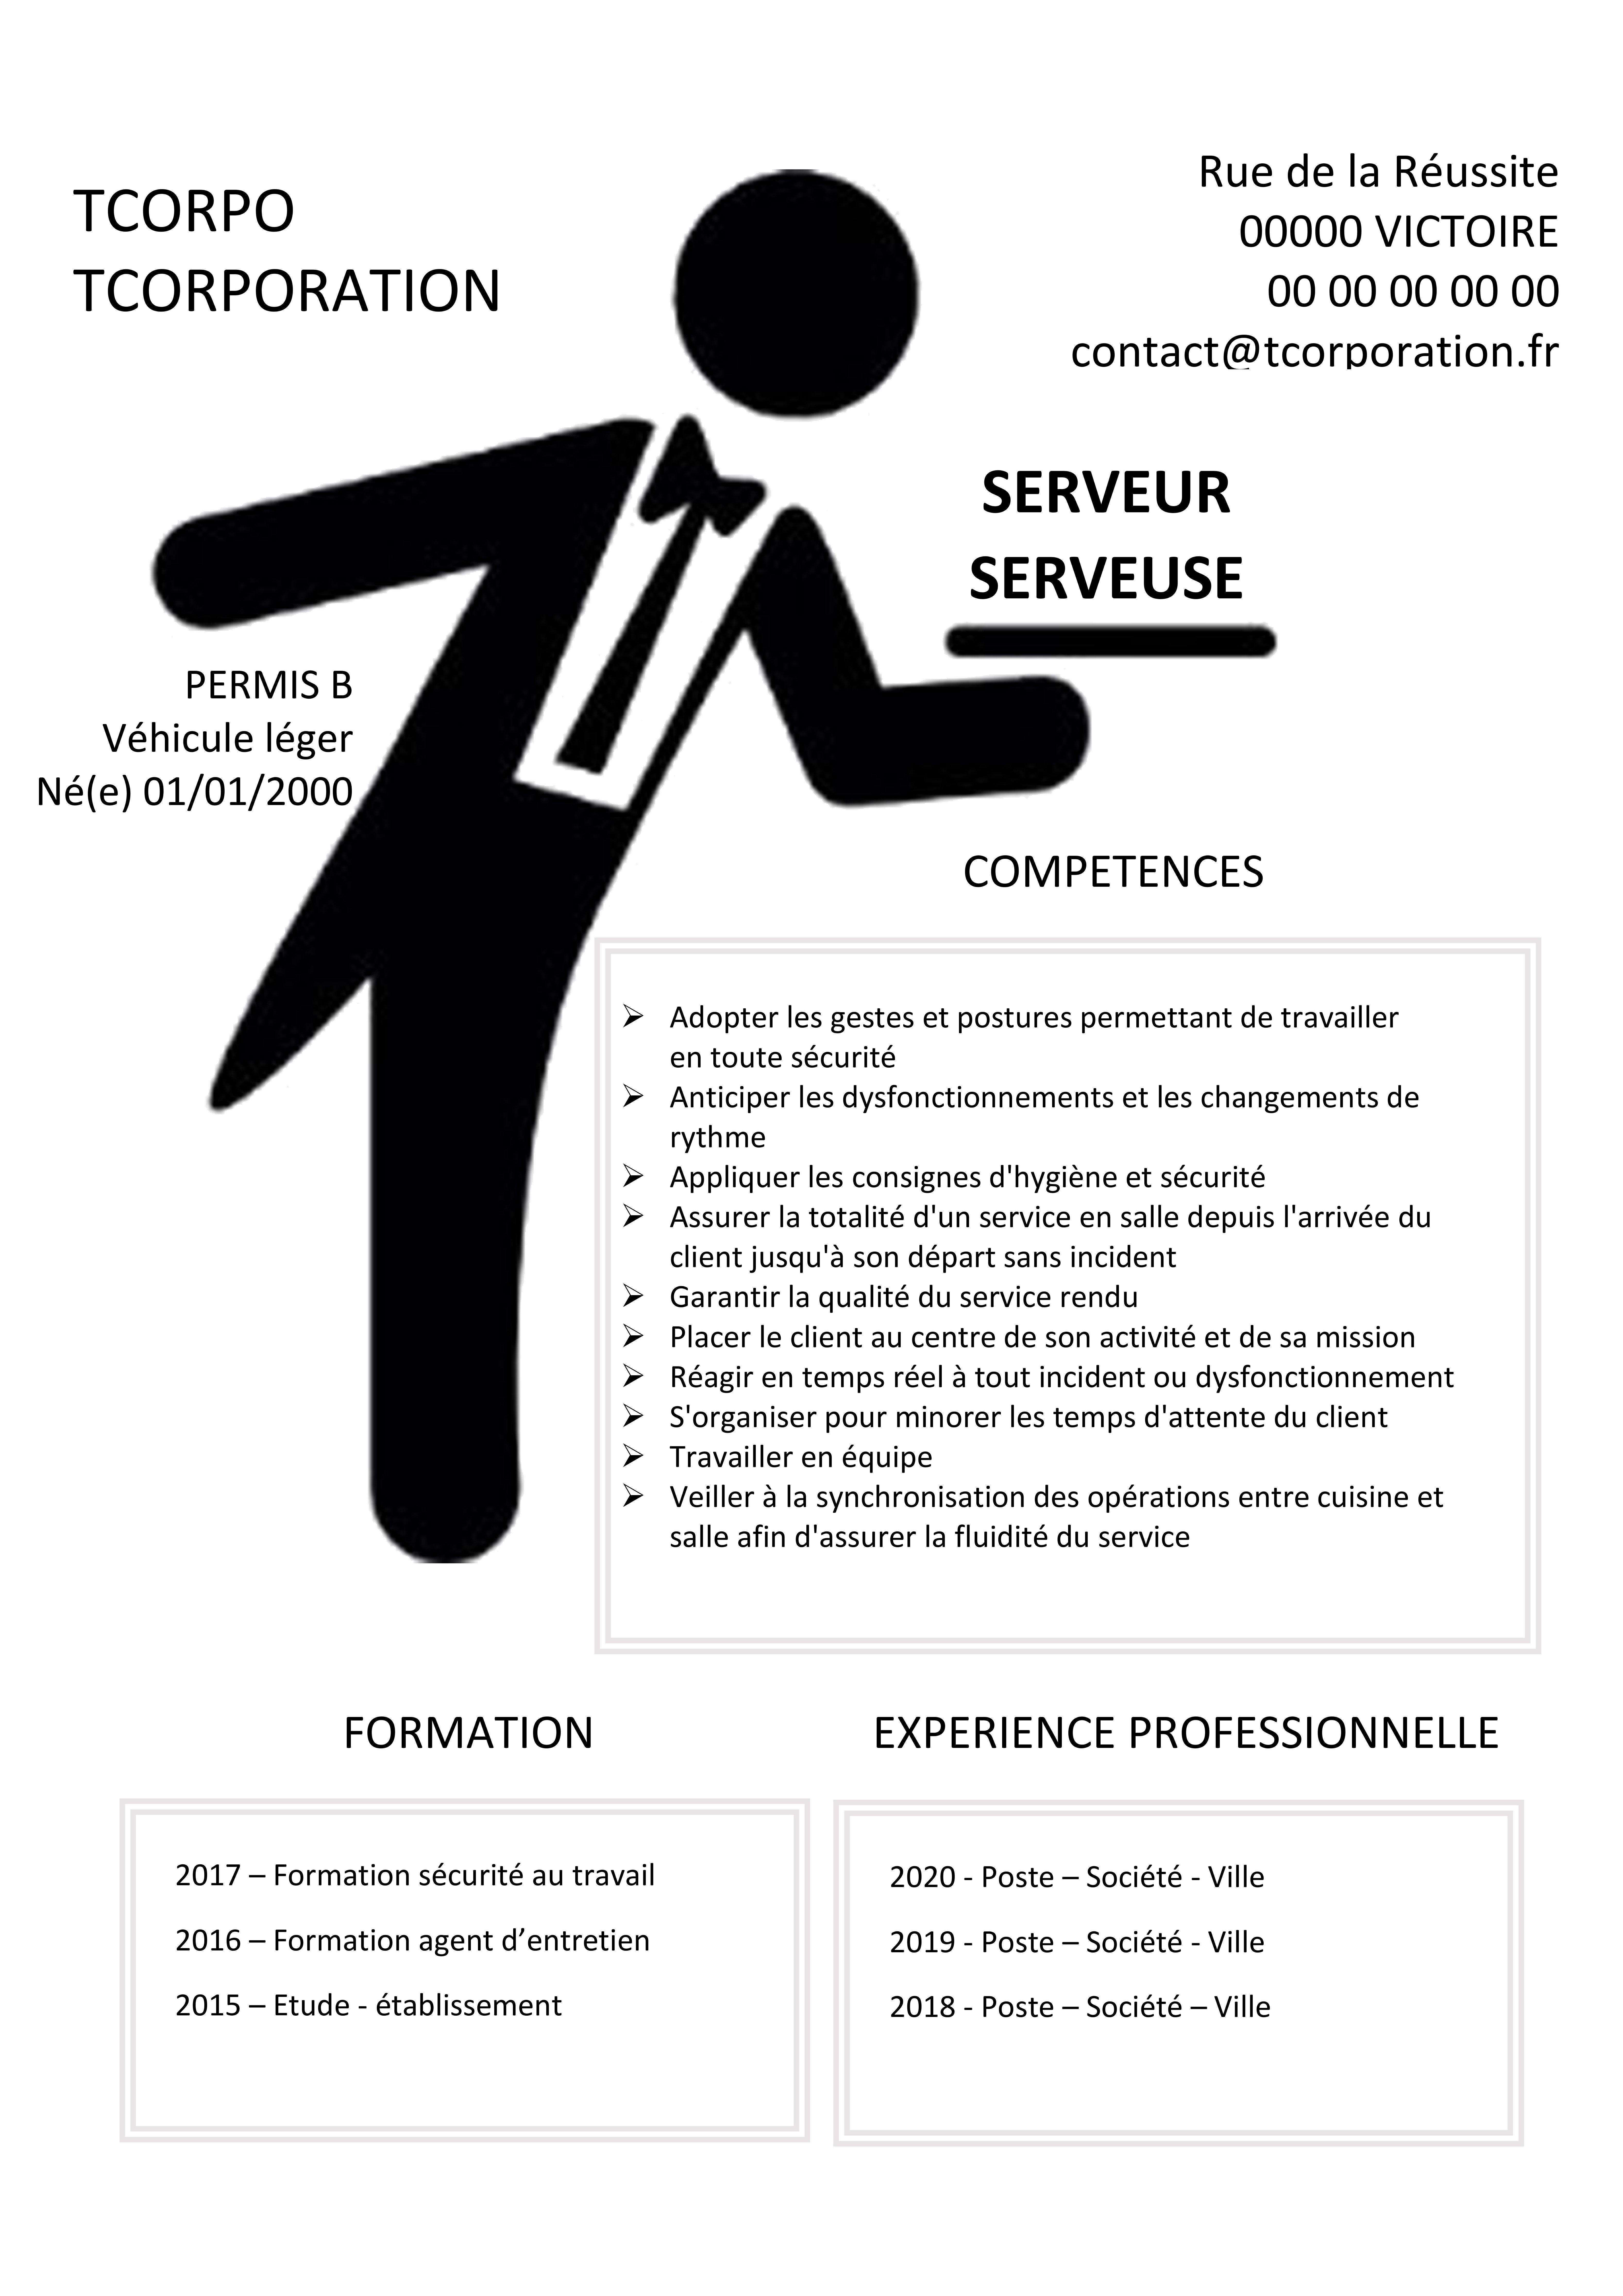 Serveur Serveuse Cv Experiences Professionnelles Formations Competences Gestes Et Postures Cv Simple Hygiene Et Securite